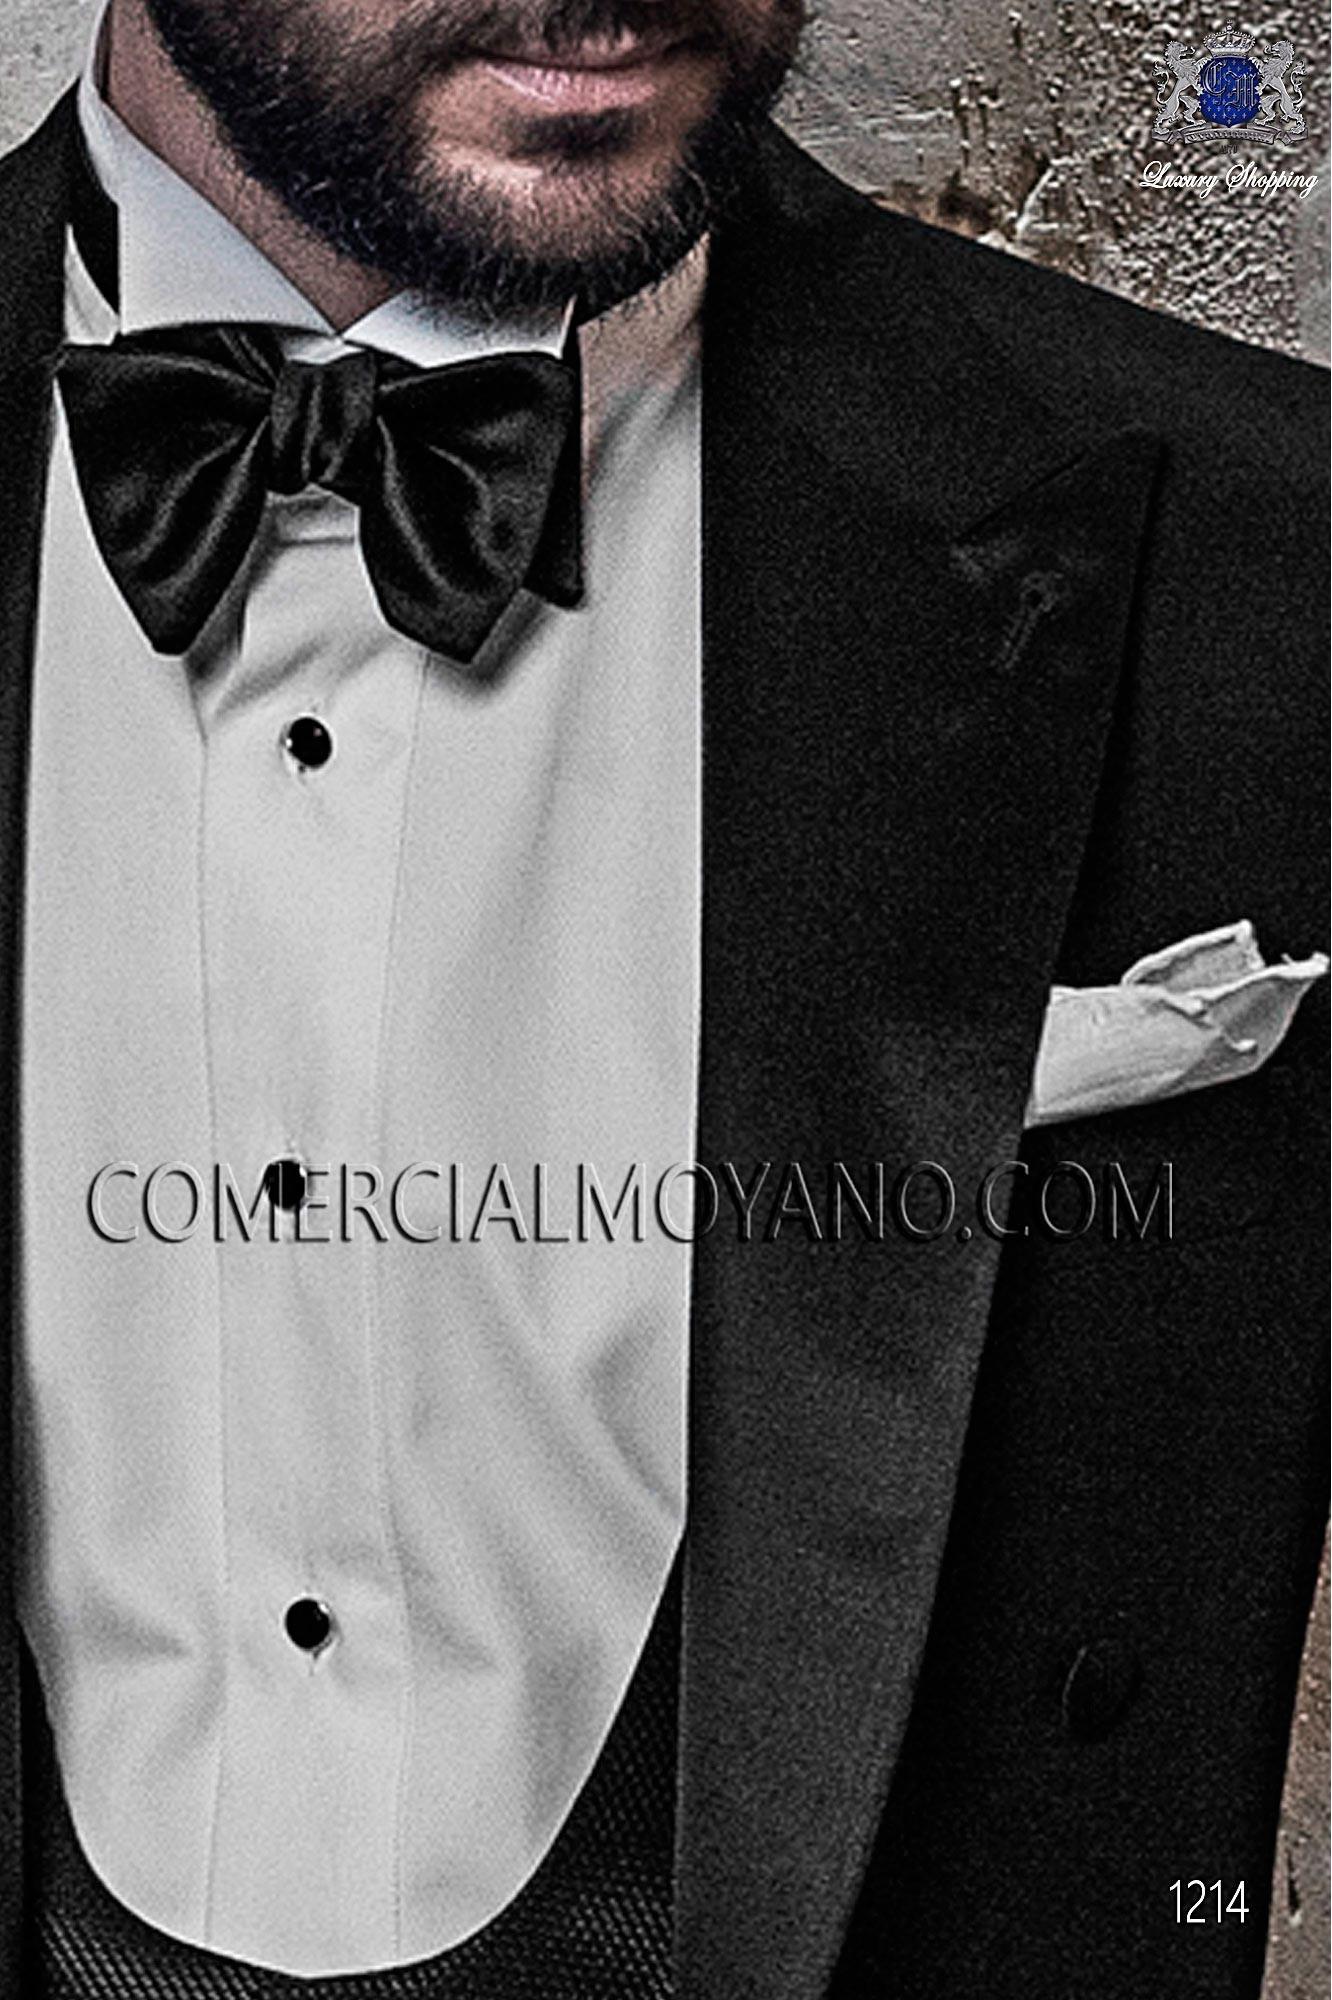 Italian blacktie Black men wedding suit, model: 1214 Ottavio Nuccio Gala 2017 Black Tie Collection